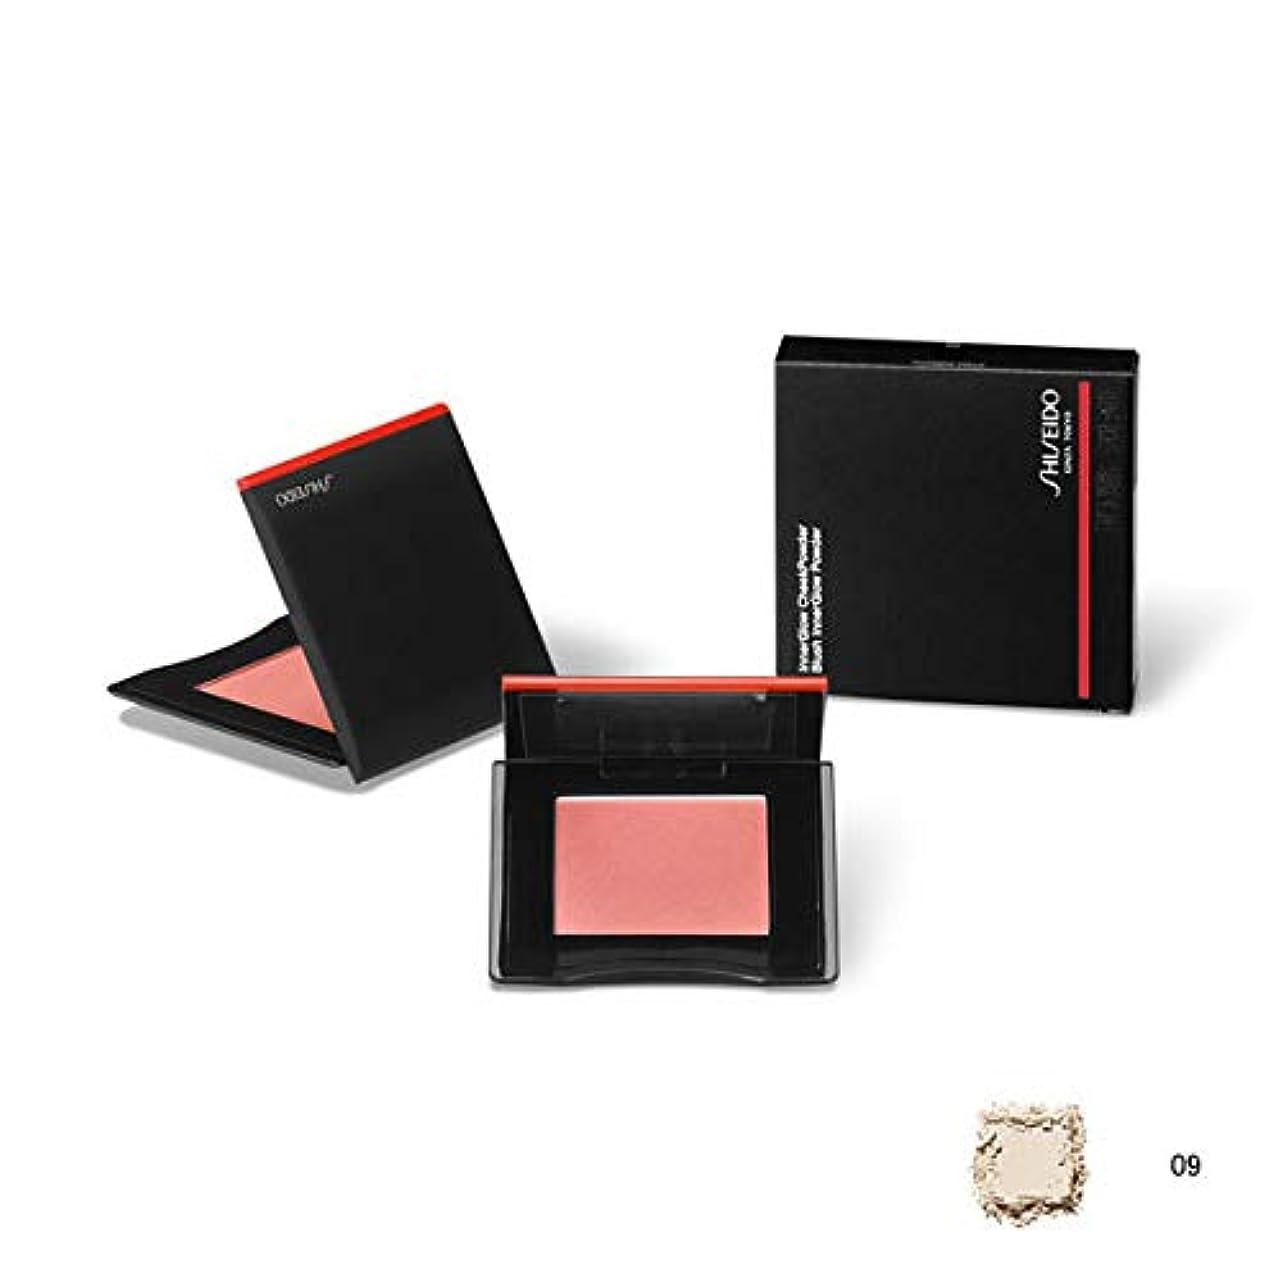 努力する分岐する有効なSHISEIDO Makeup(資生堂 メーキャップ) SHISEIDO(資生堂) SHISEIDO インナーグロウ チークパウダー 4g (09)